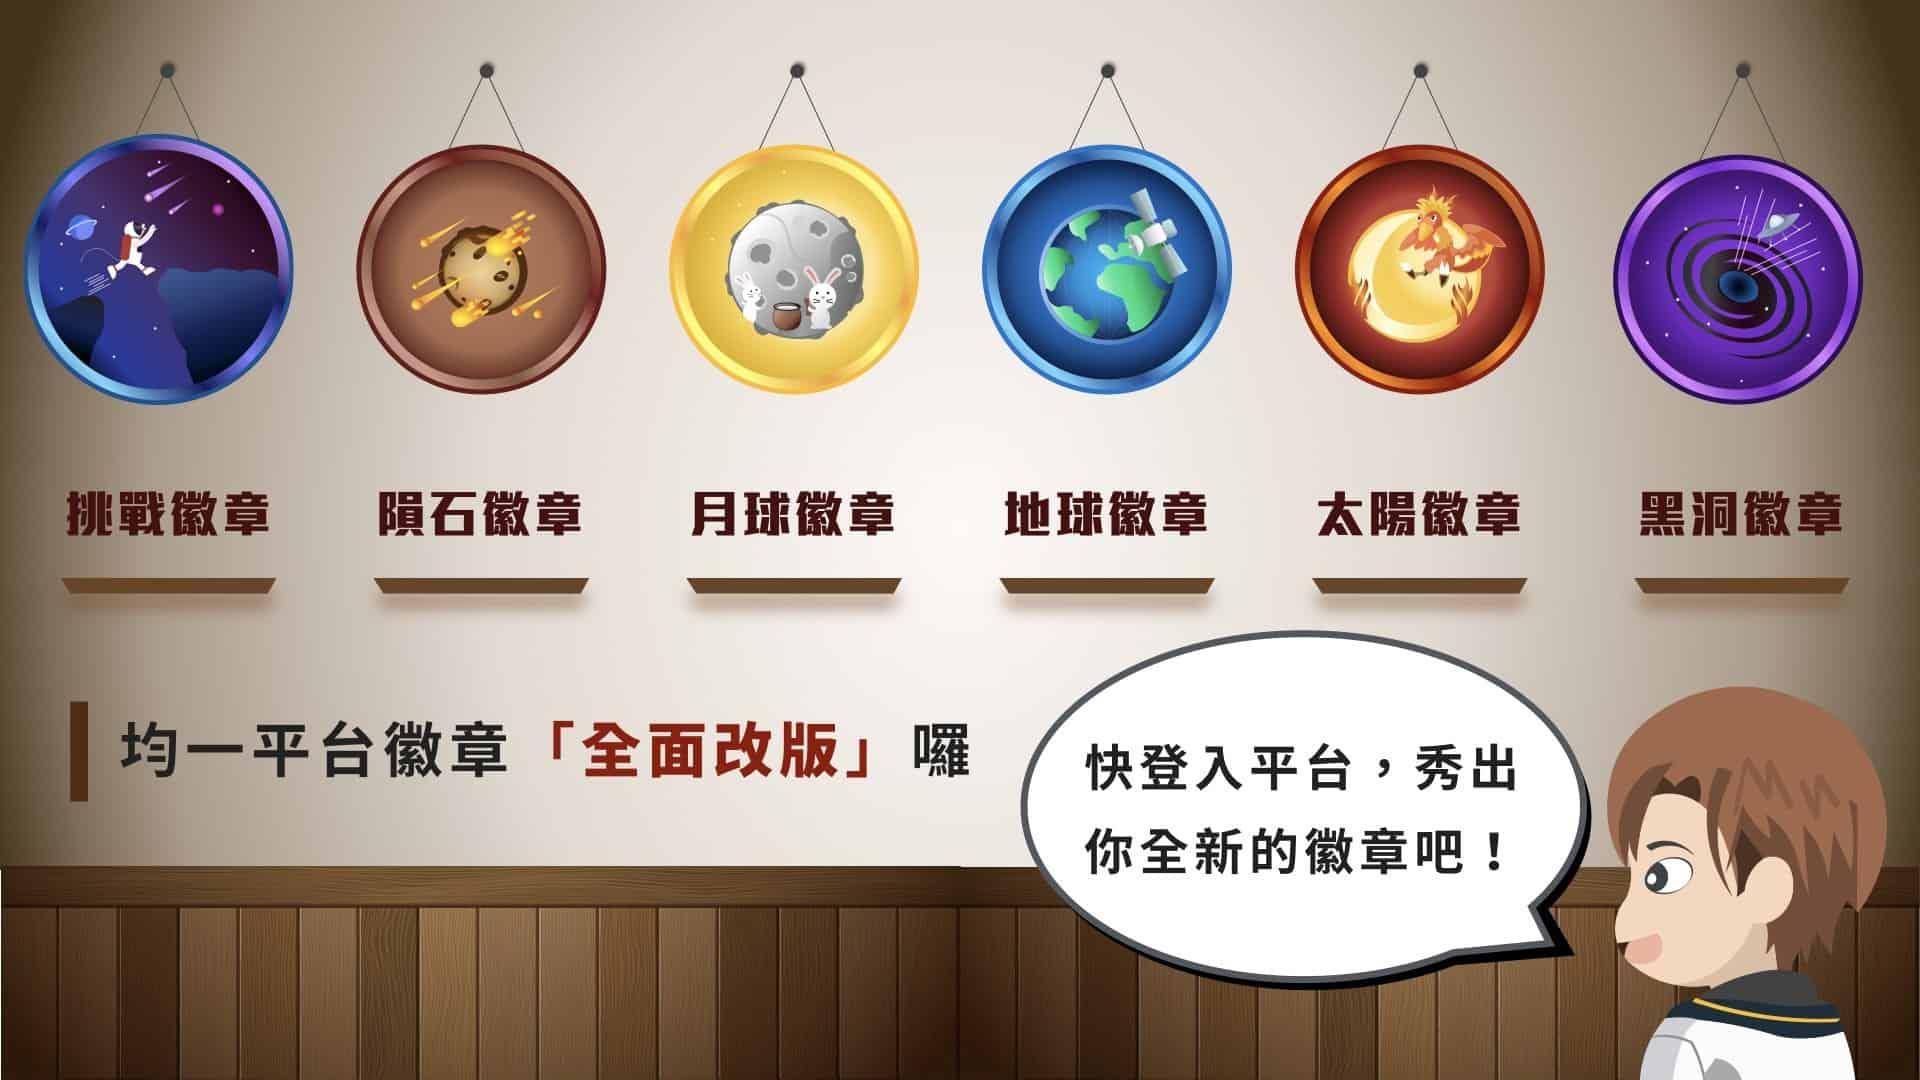 圖為均一教育平台的六款徽章。